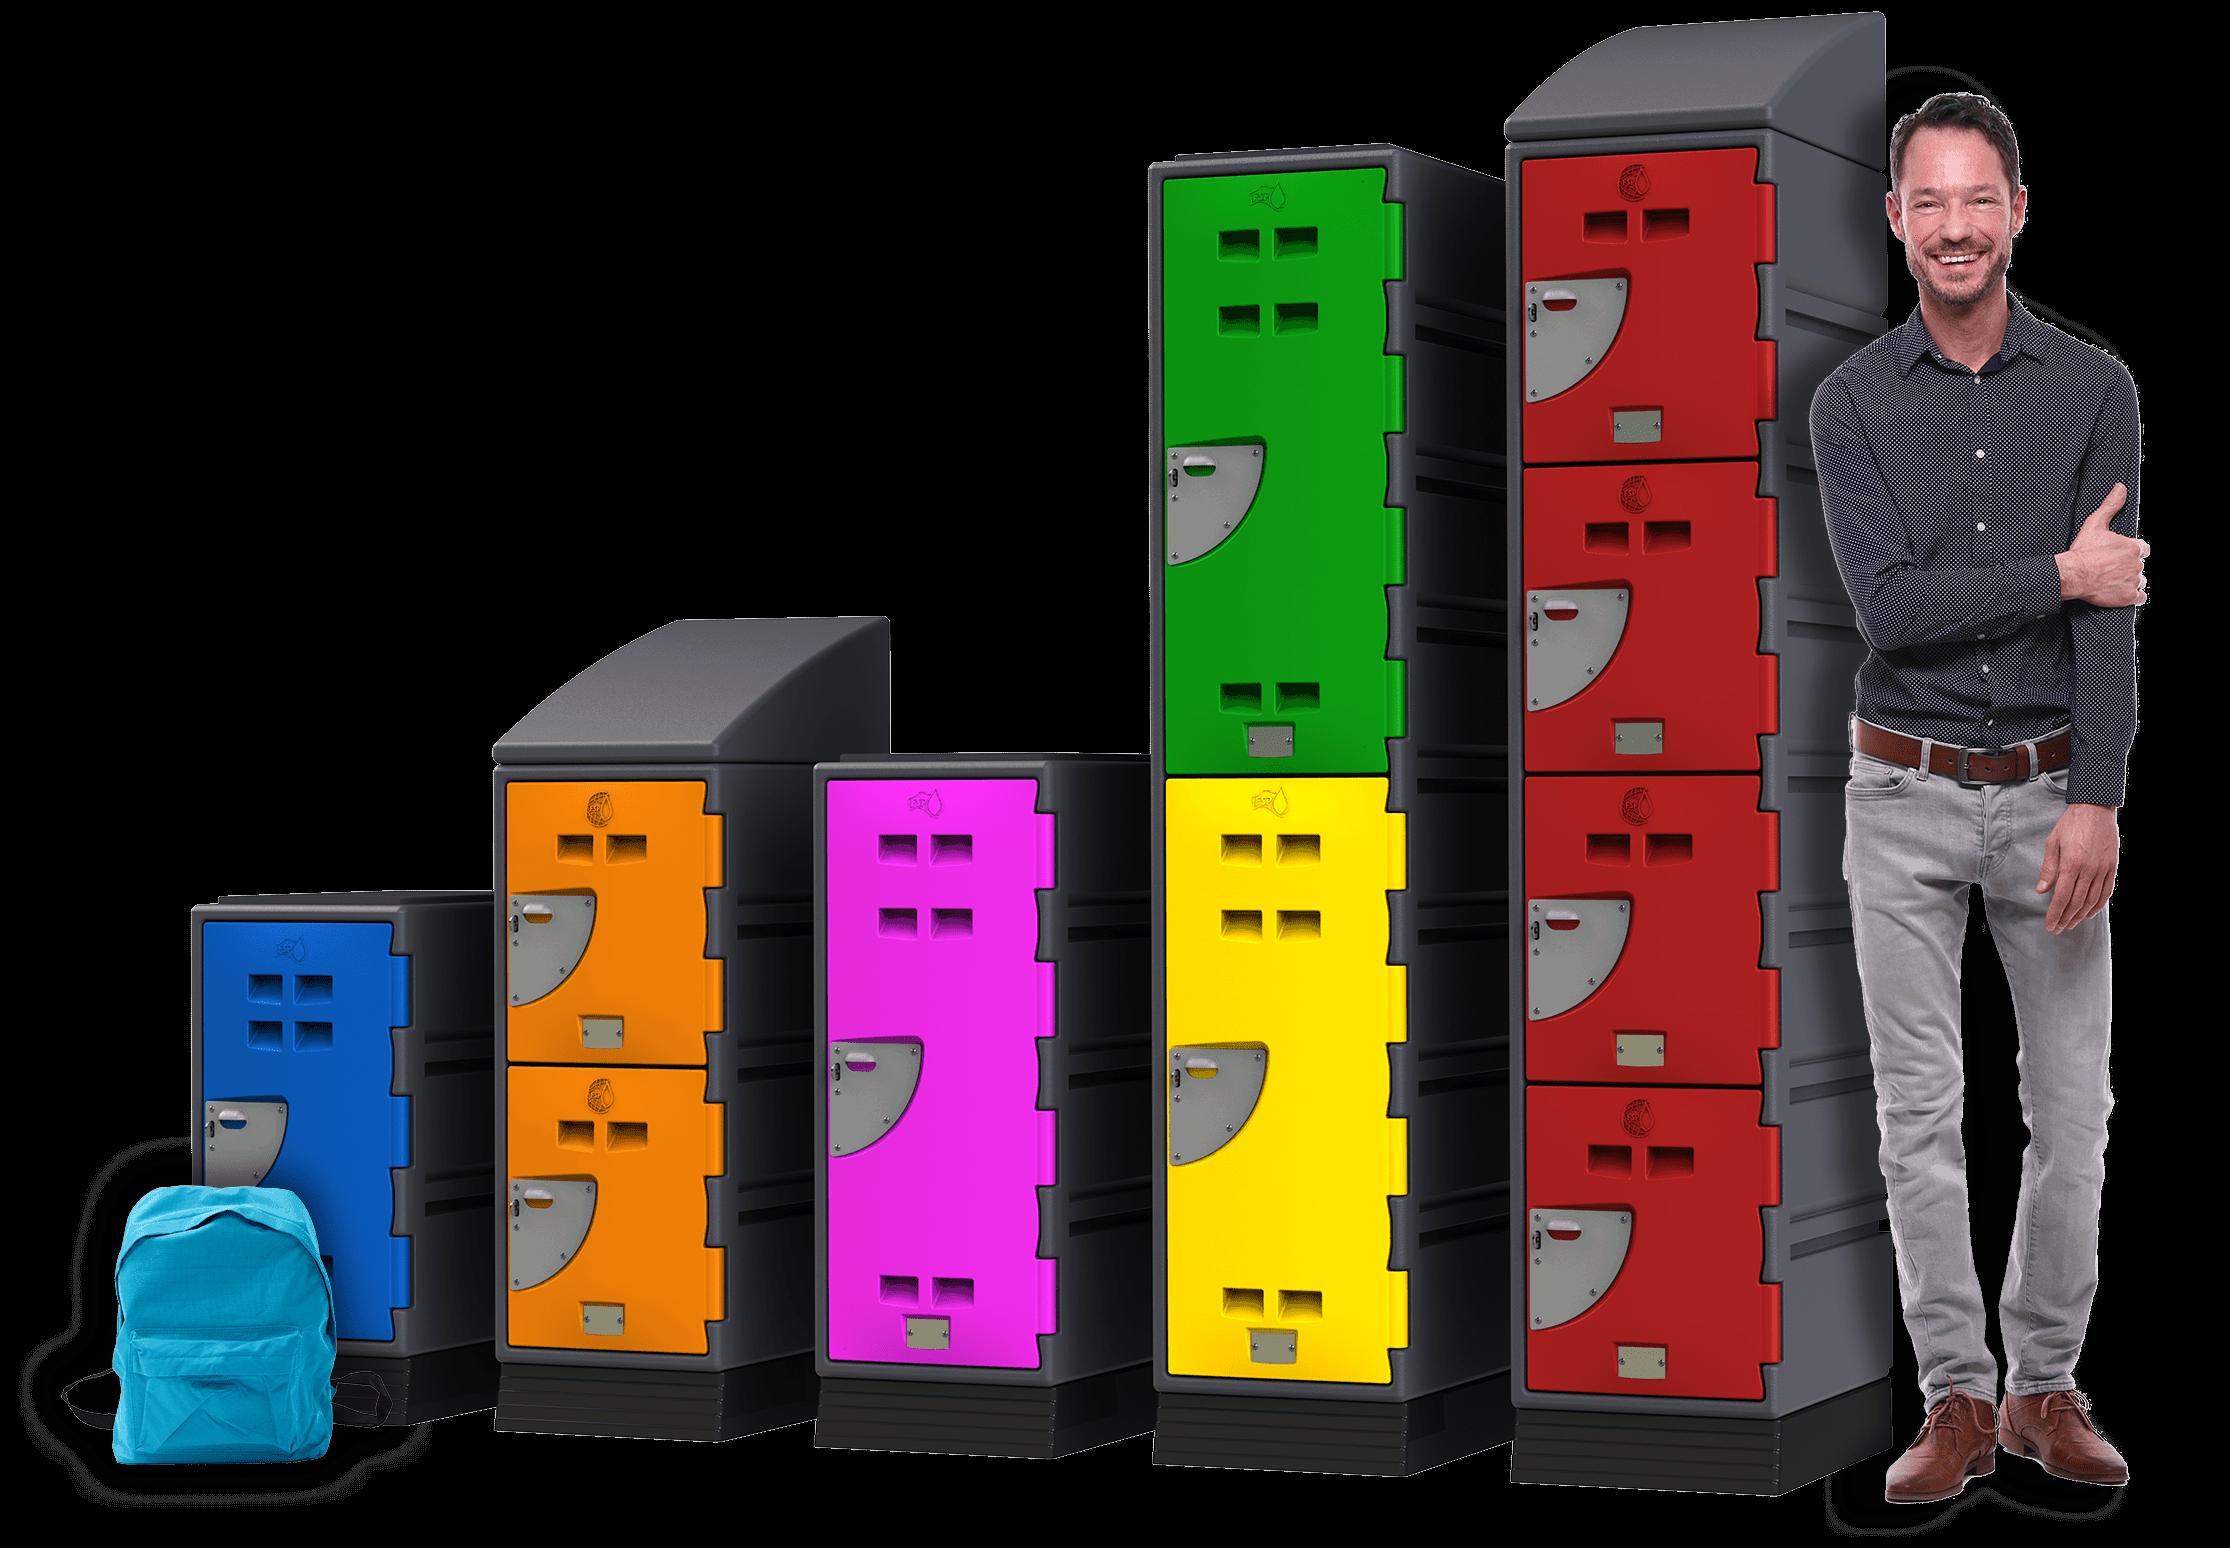 B-Series-Lockers-Popular-man-@05x-min